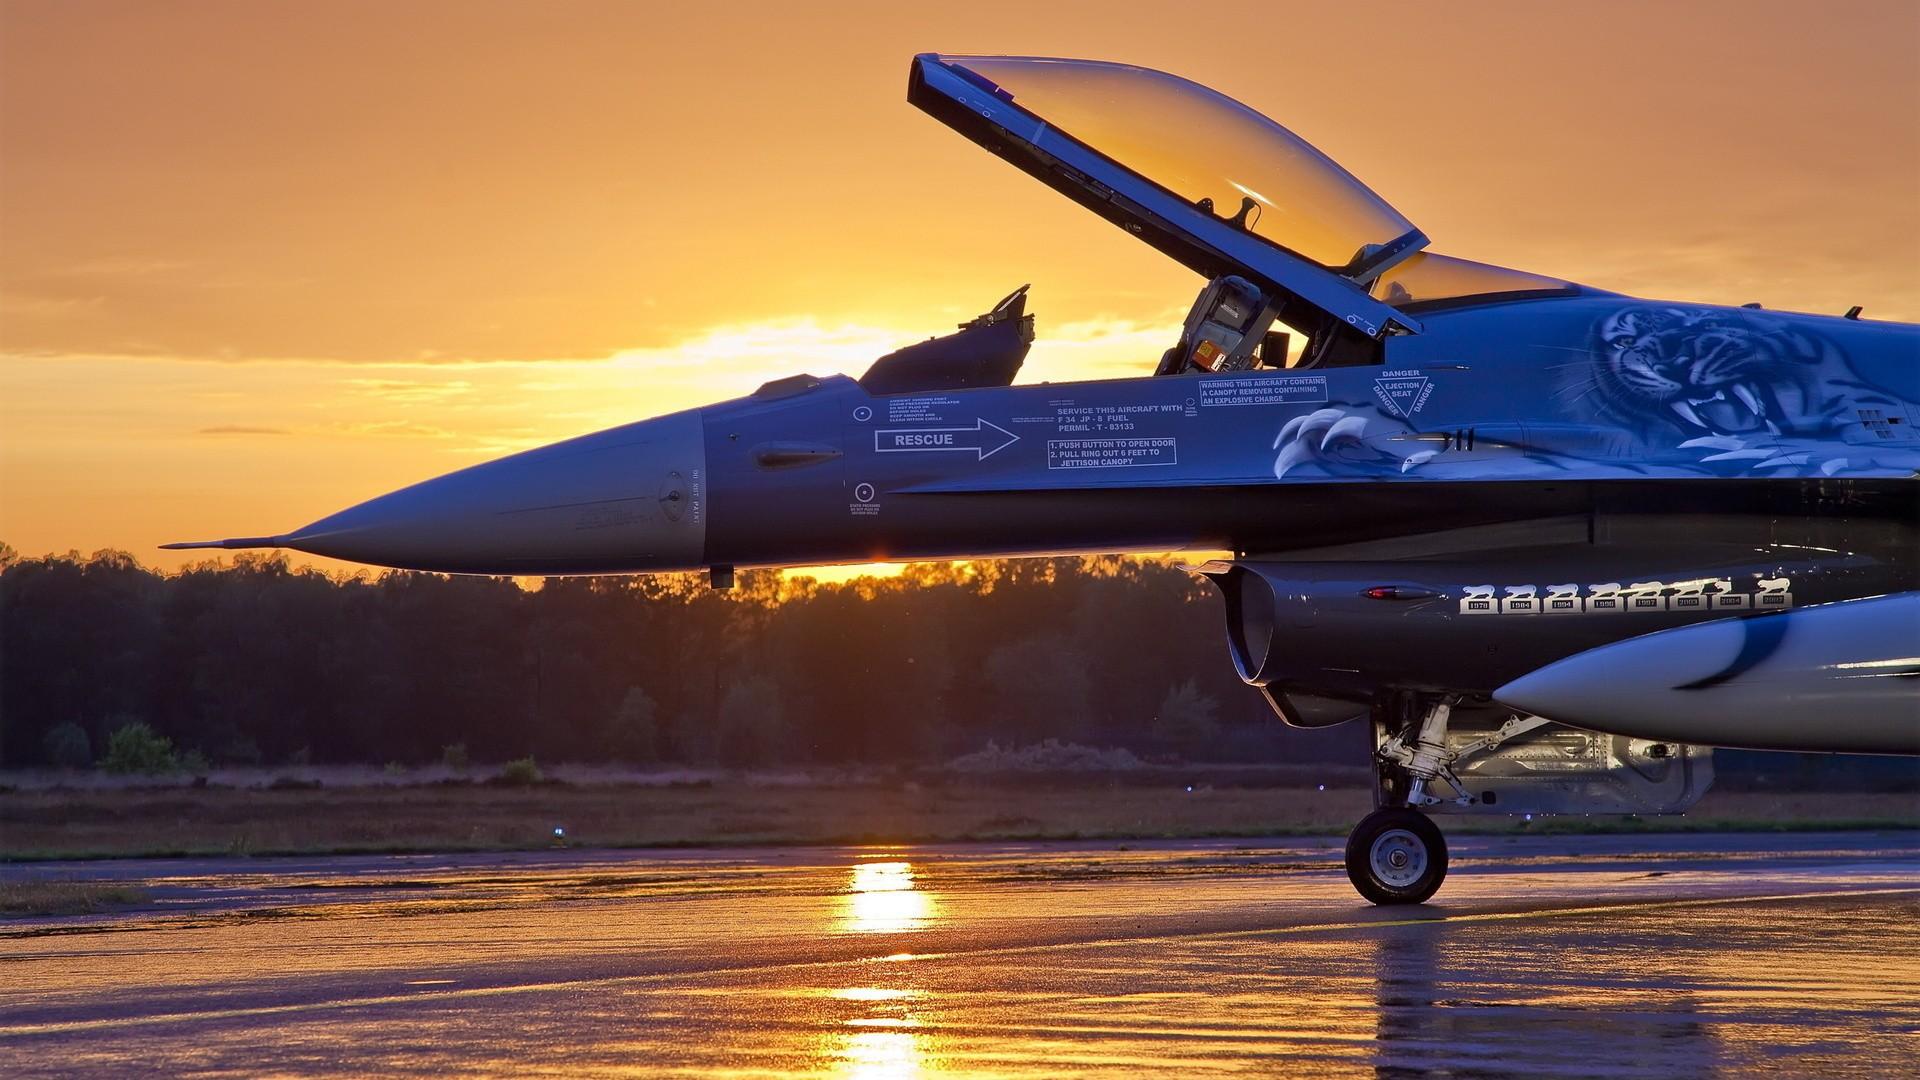 полировка фонаря кокптита модели самолета начала следует запомнить